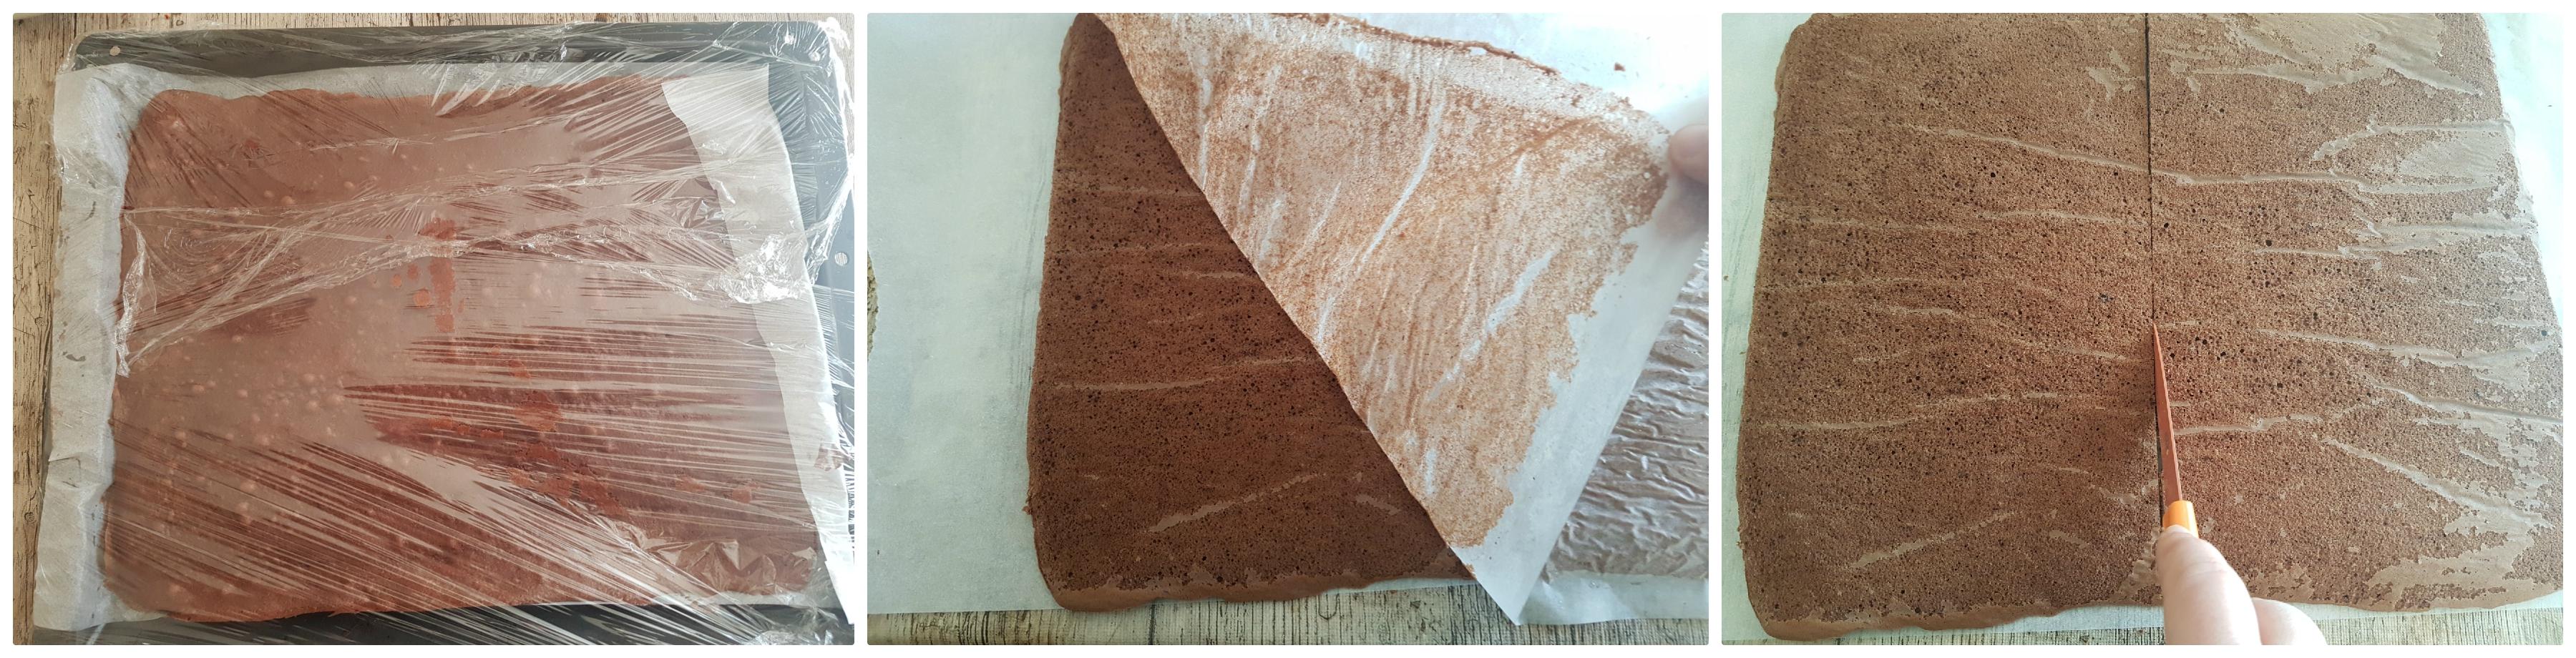 Fetta al cacao e latte - Kinder fetta al latte - merendine fatte in casa con crema al latte ricetta Dulcisss in forno by Leyla